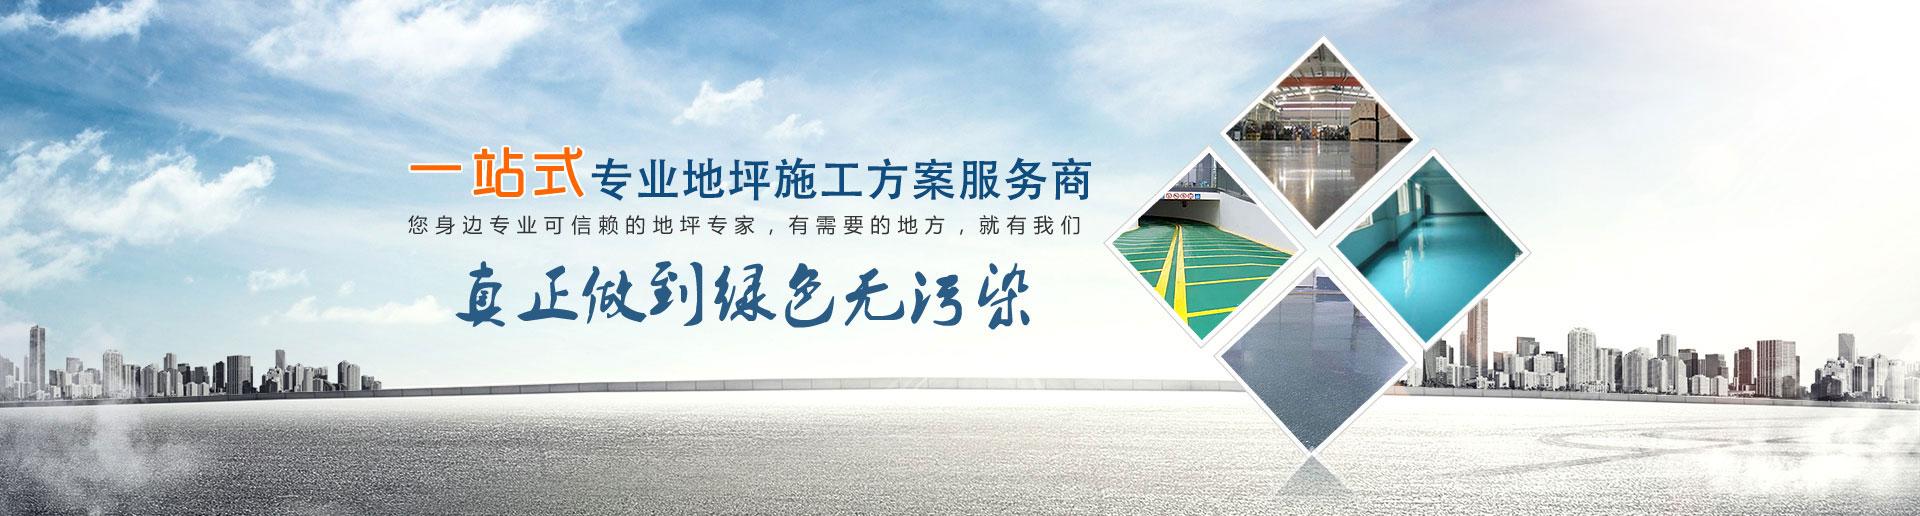 广州地坪漆施工,广州环氧地坪漆施工,广州车库地坪施工